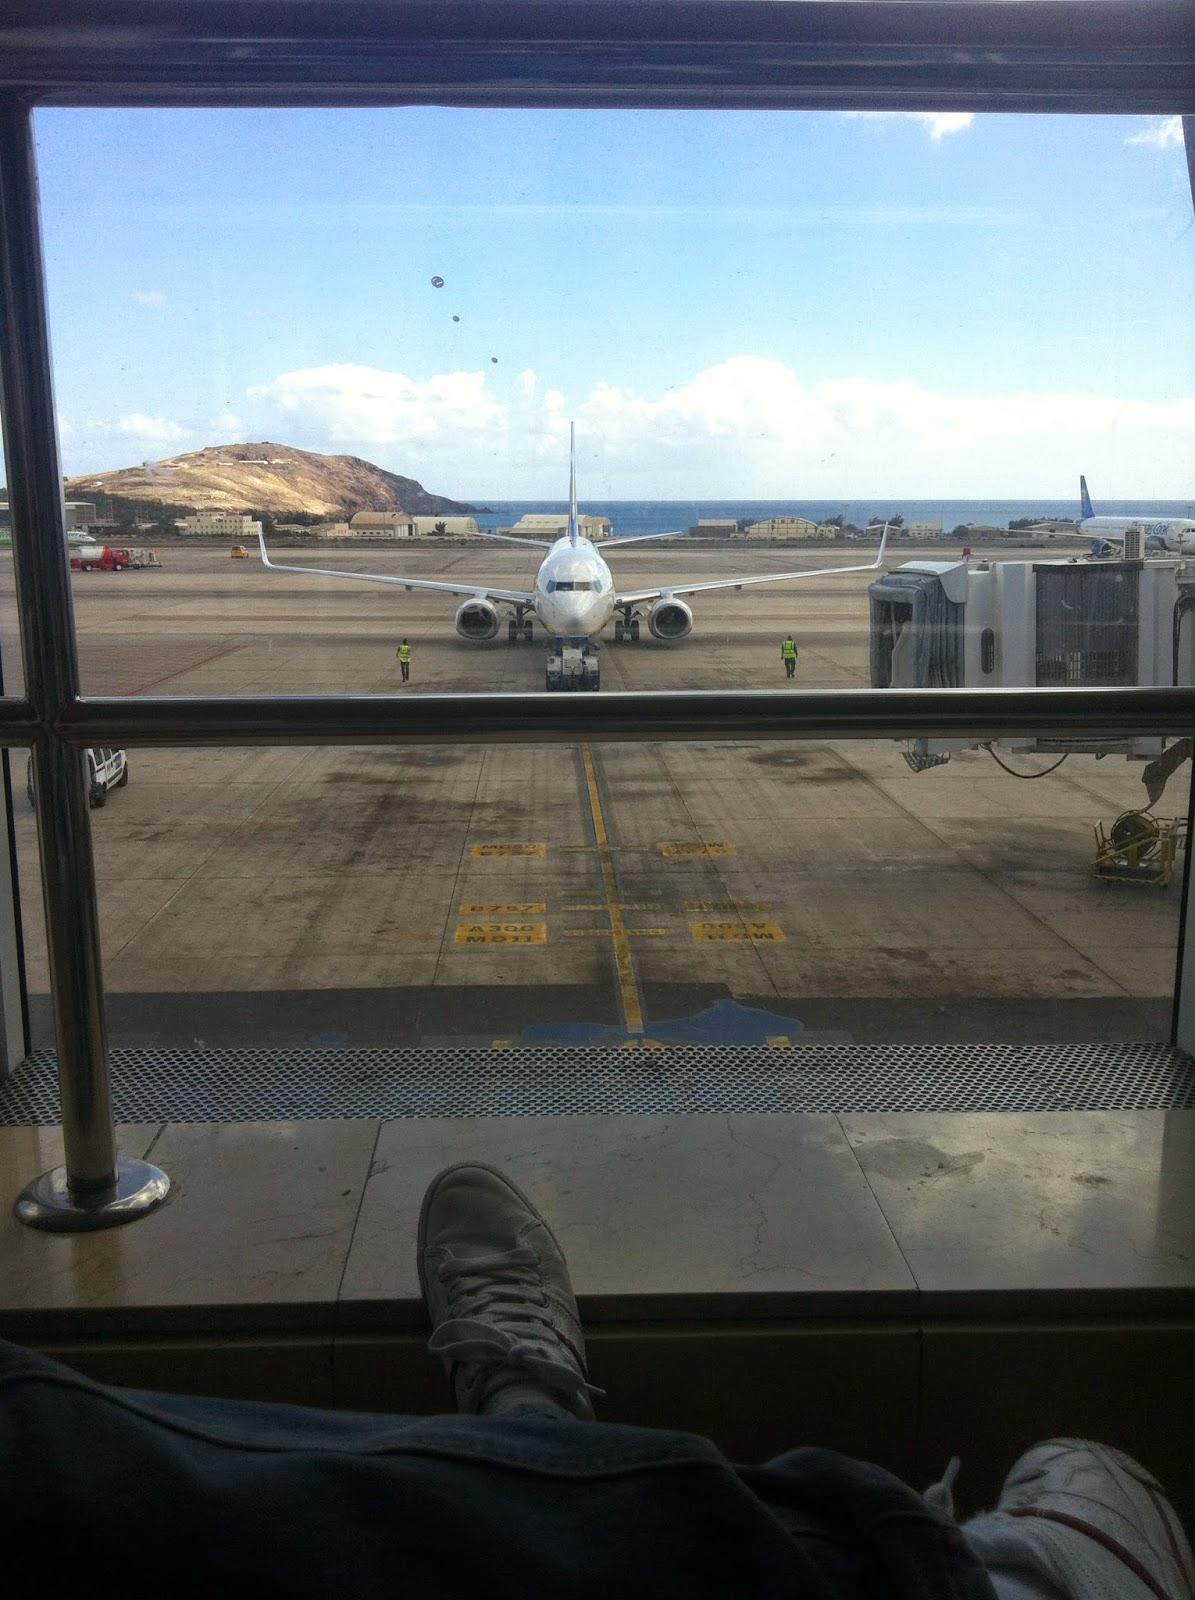 Señales viales en los aeropuertos